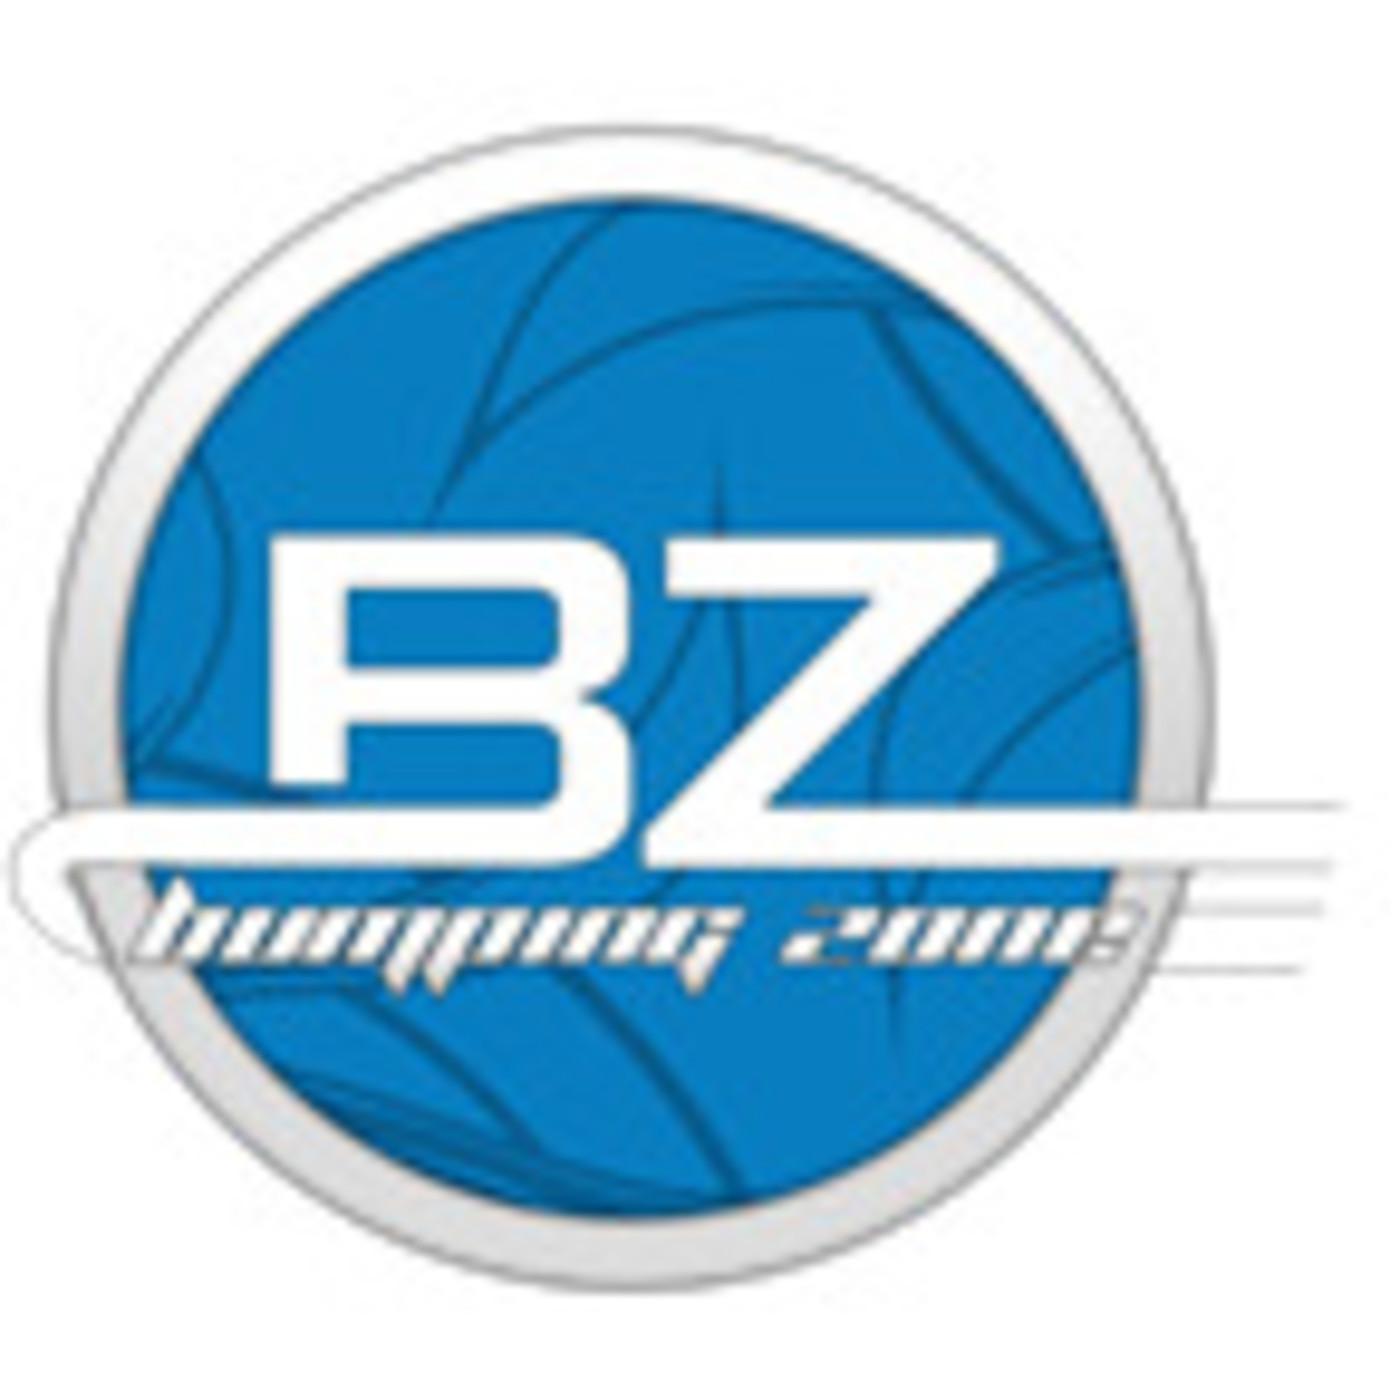 - Bumping Zone